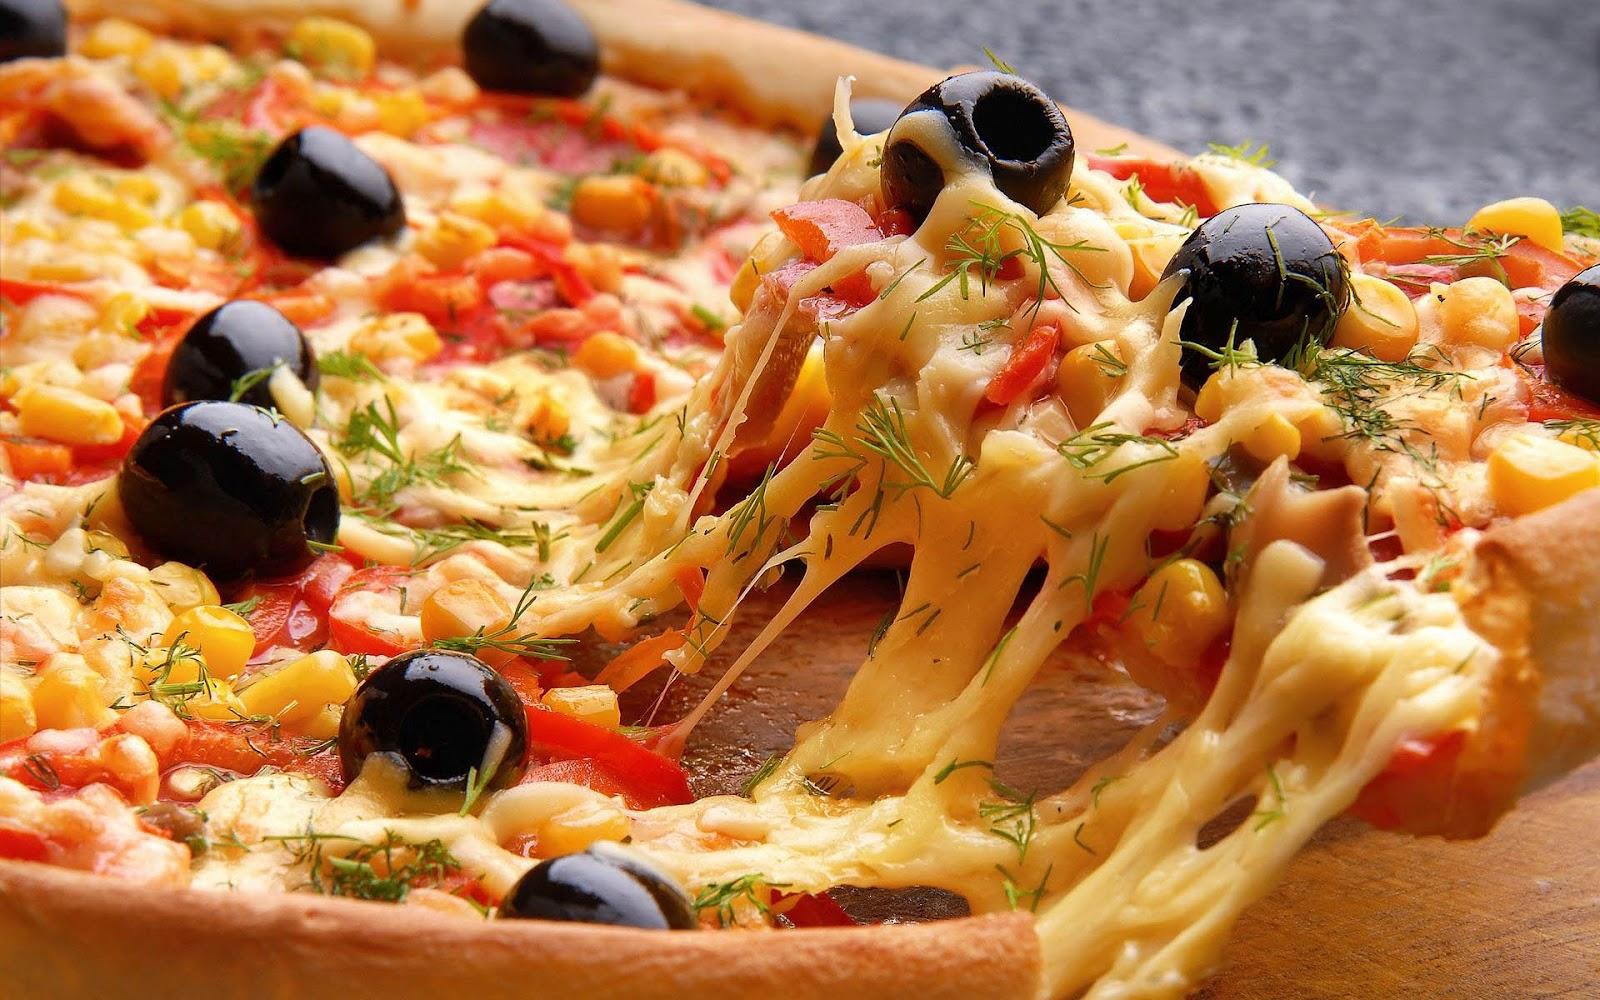 hd-pizza-wallpaper-lekkere-verse-pizza-met-gesmolten-kaas-en-hd-eten-achtergrond-foto